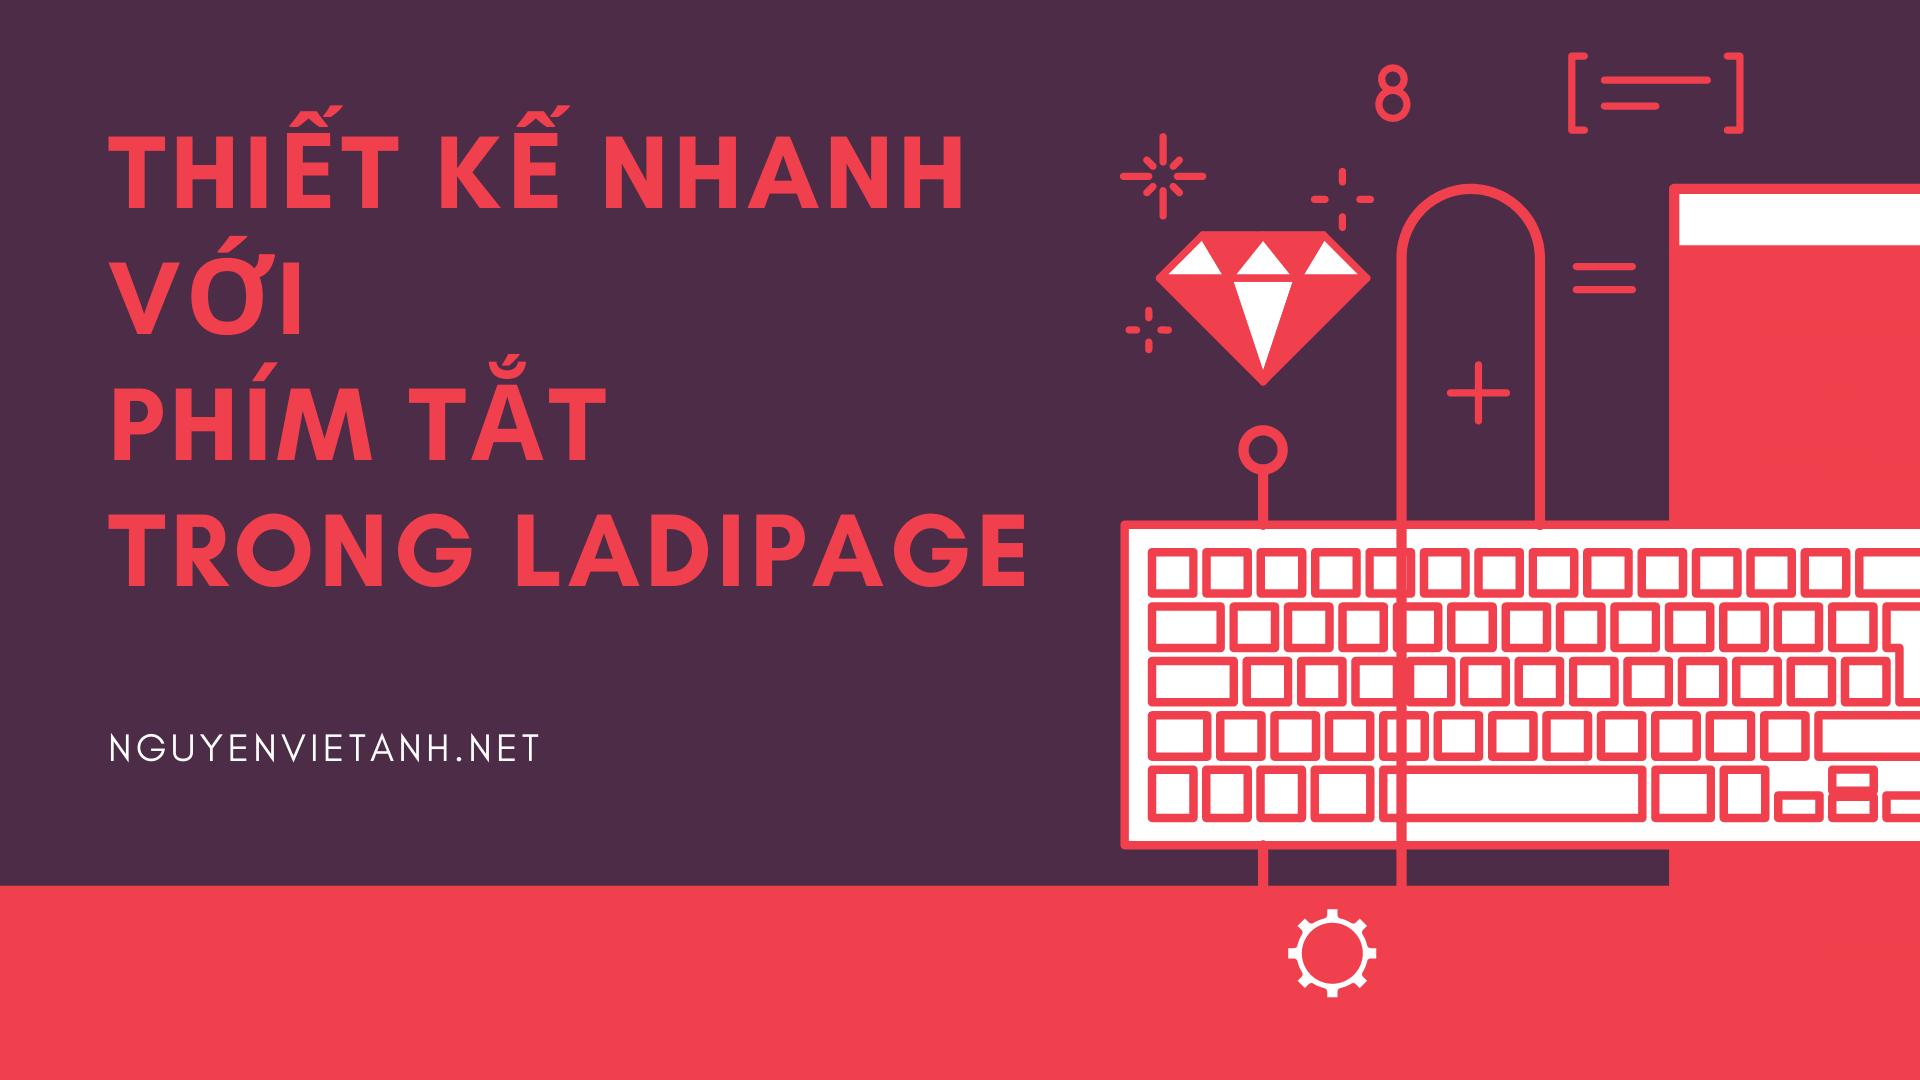 Thiết kế nhanh với phím tắt trong Ladipage